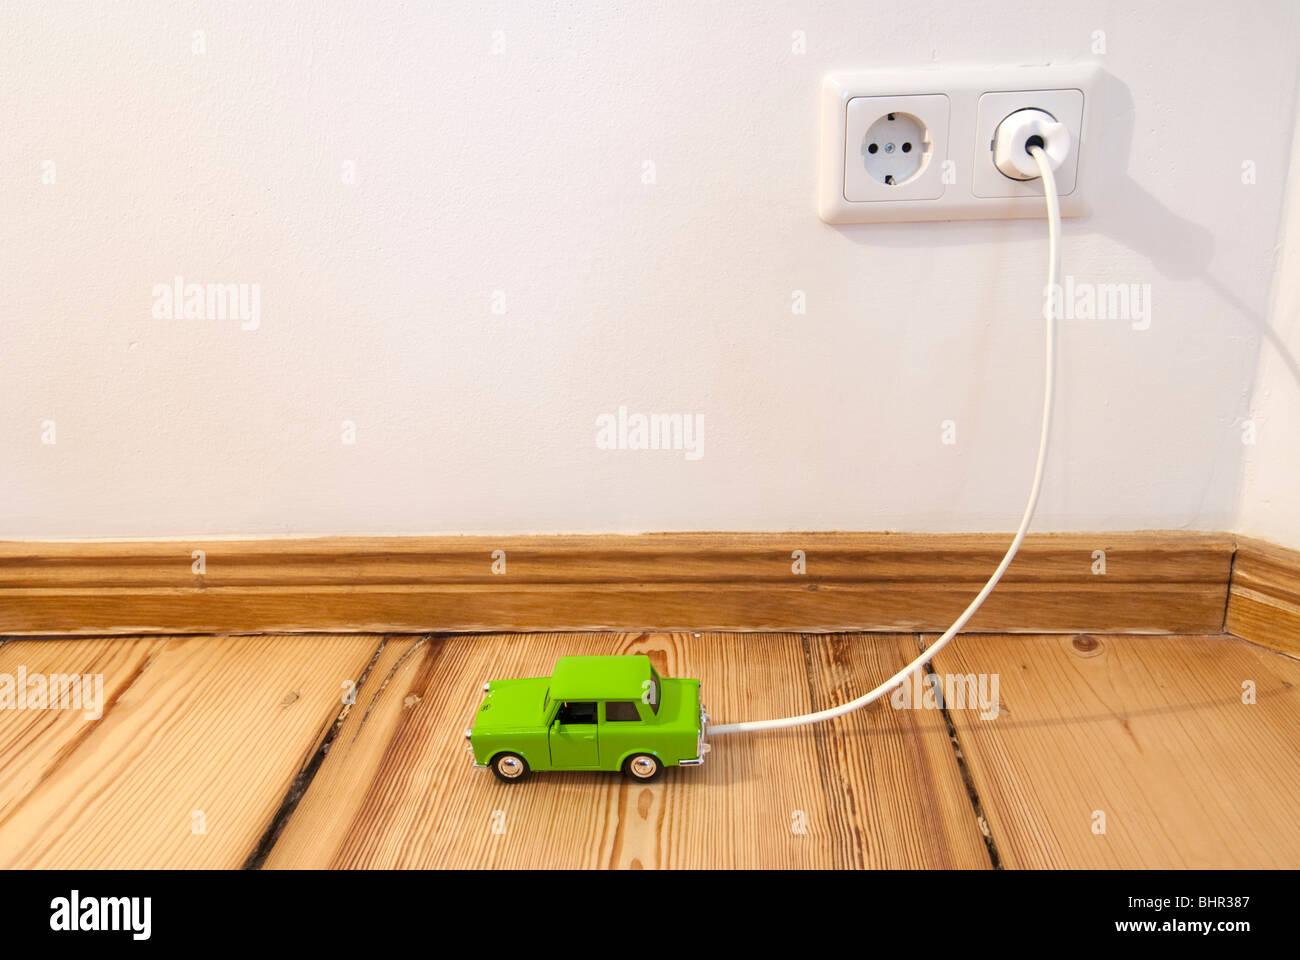 Konzept der elektrische Spielzeugauto wird durch steckbaren Anschluss an Stromversorgung im Haus aufgeladen Stockbild